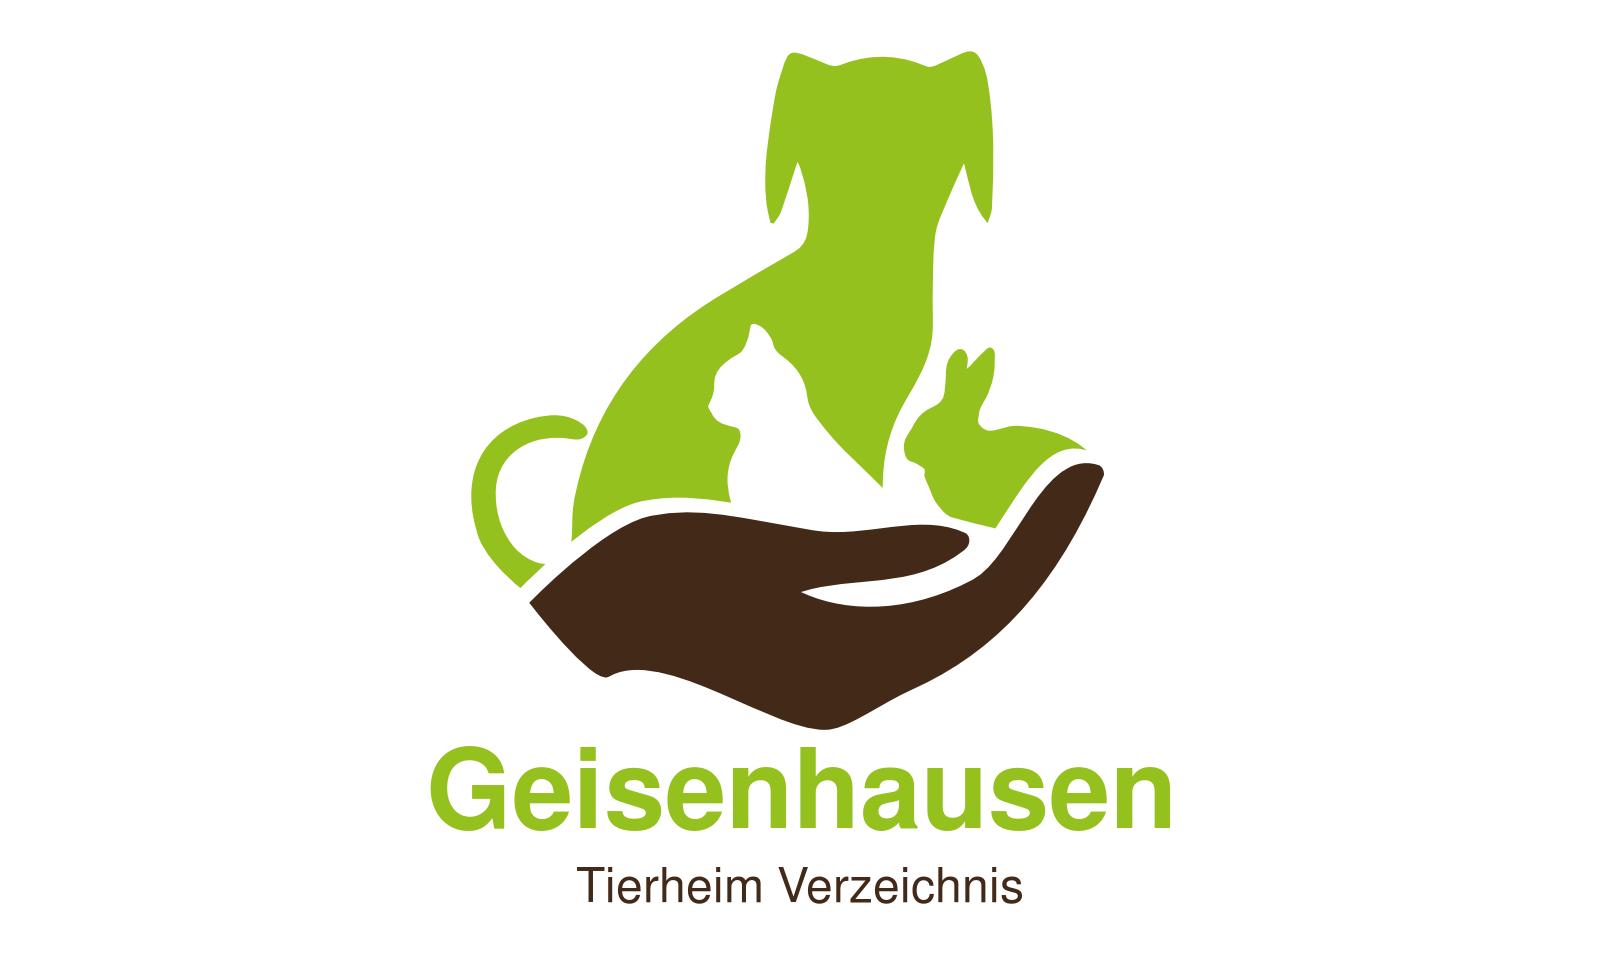 Tierheim Geisenhausen